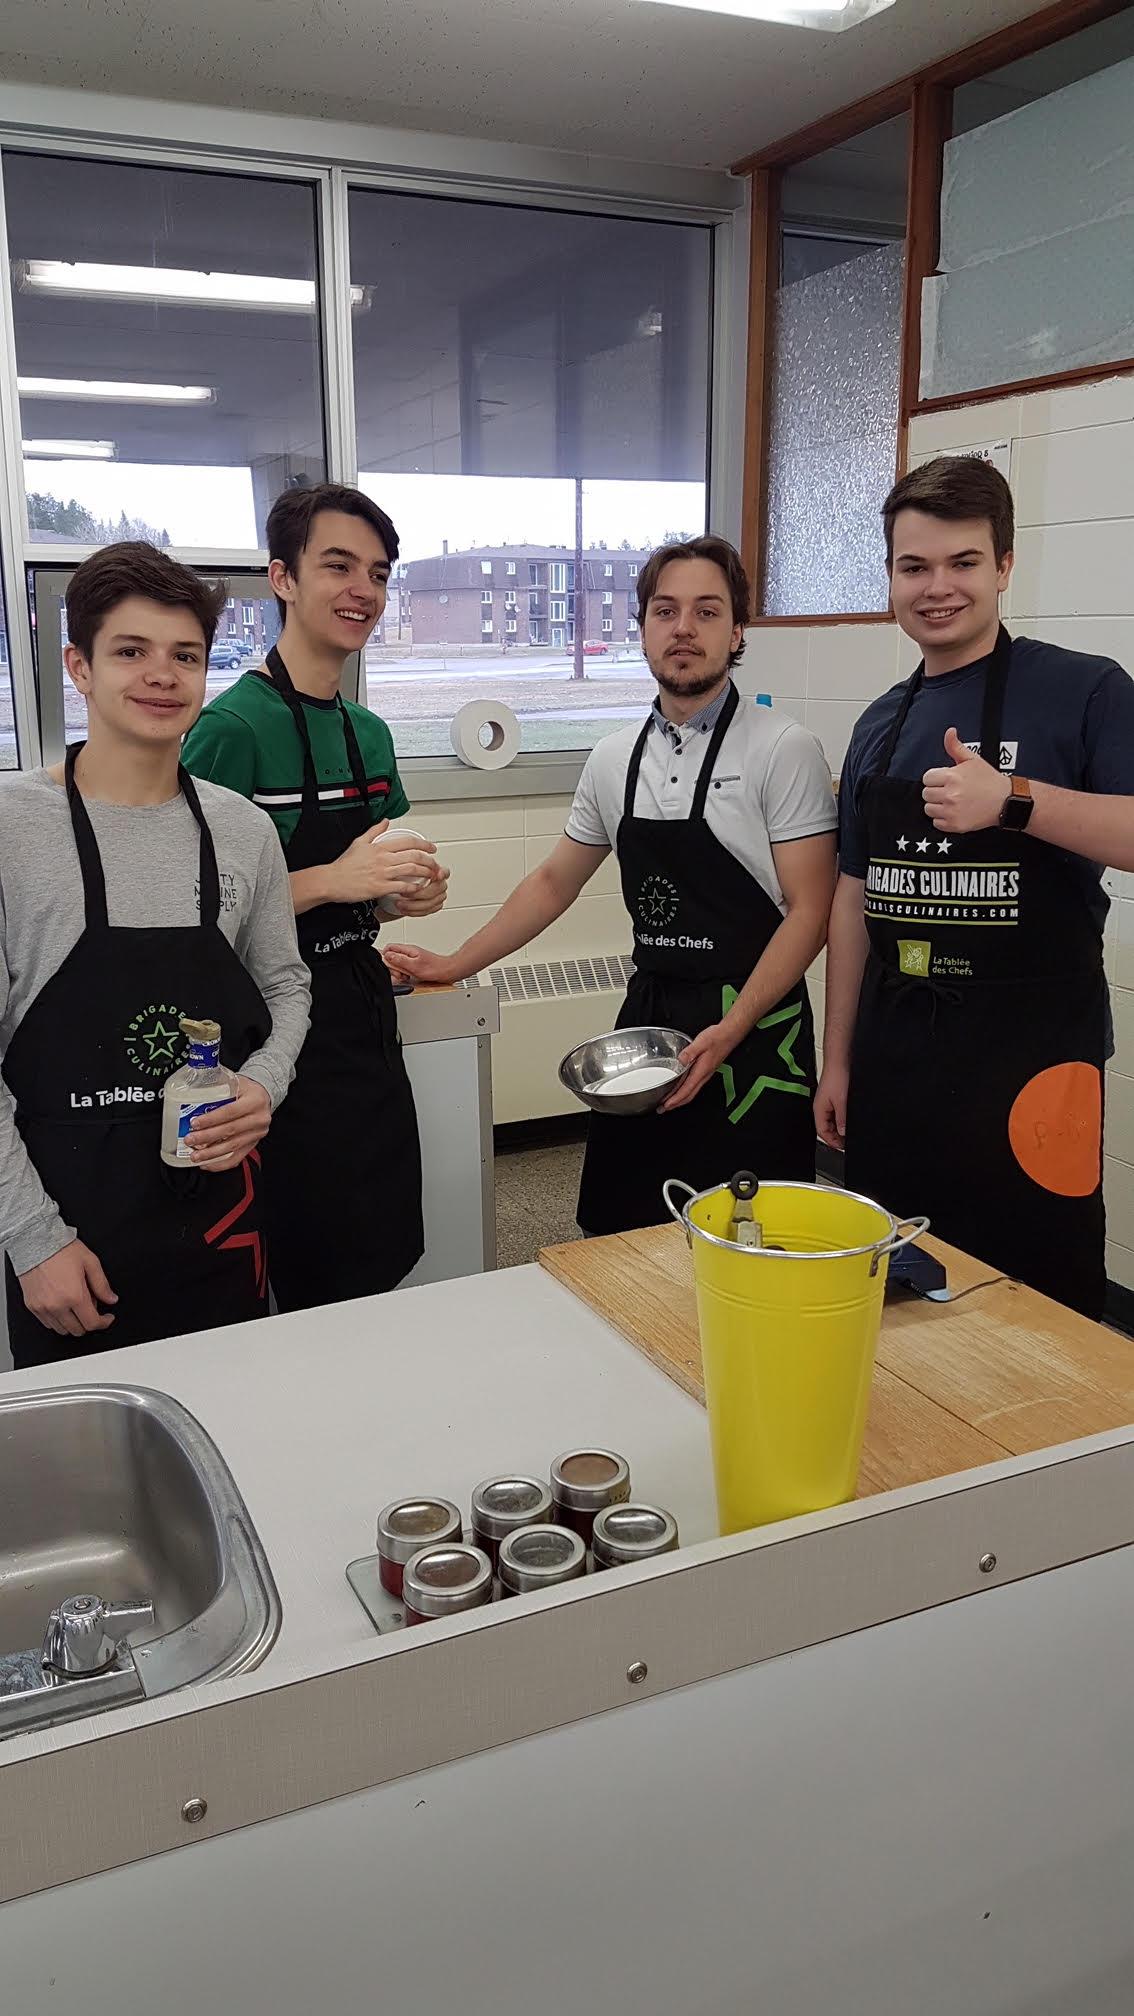 Quatre étudiants du secondaire de Charles-Gravel, posant avec des ustensiles de cuisine.